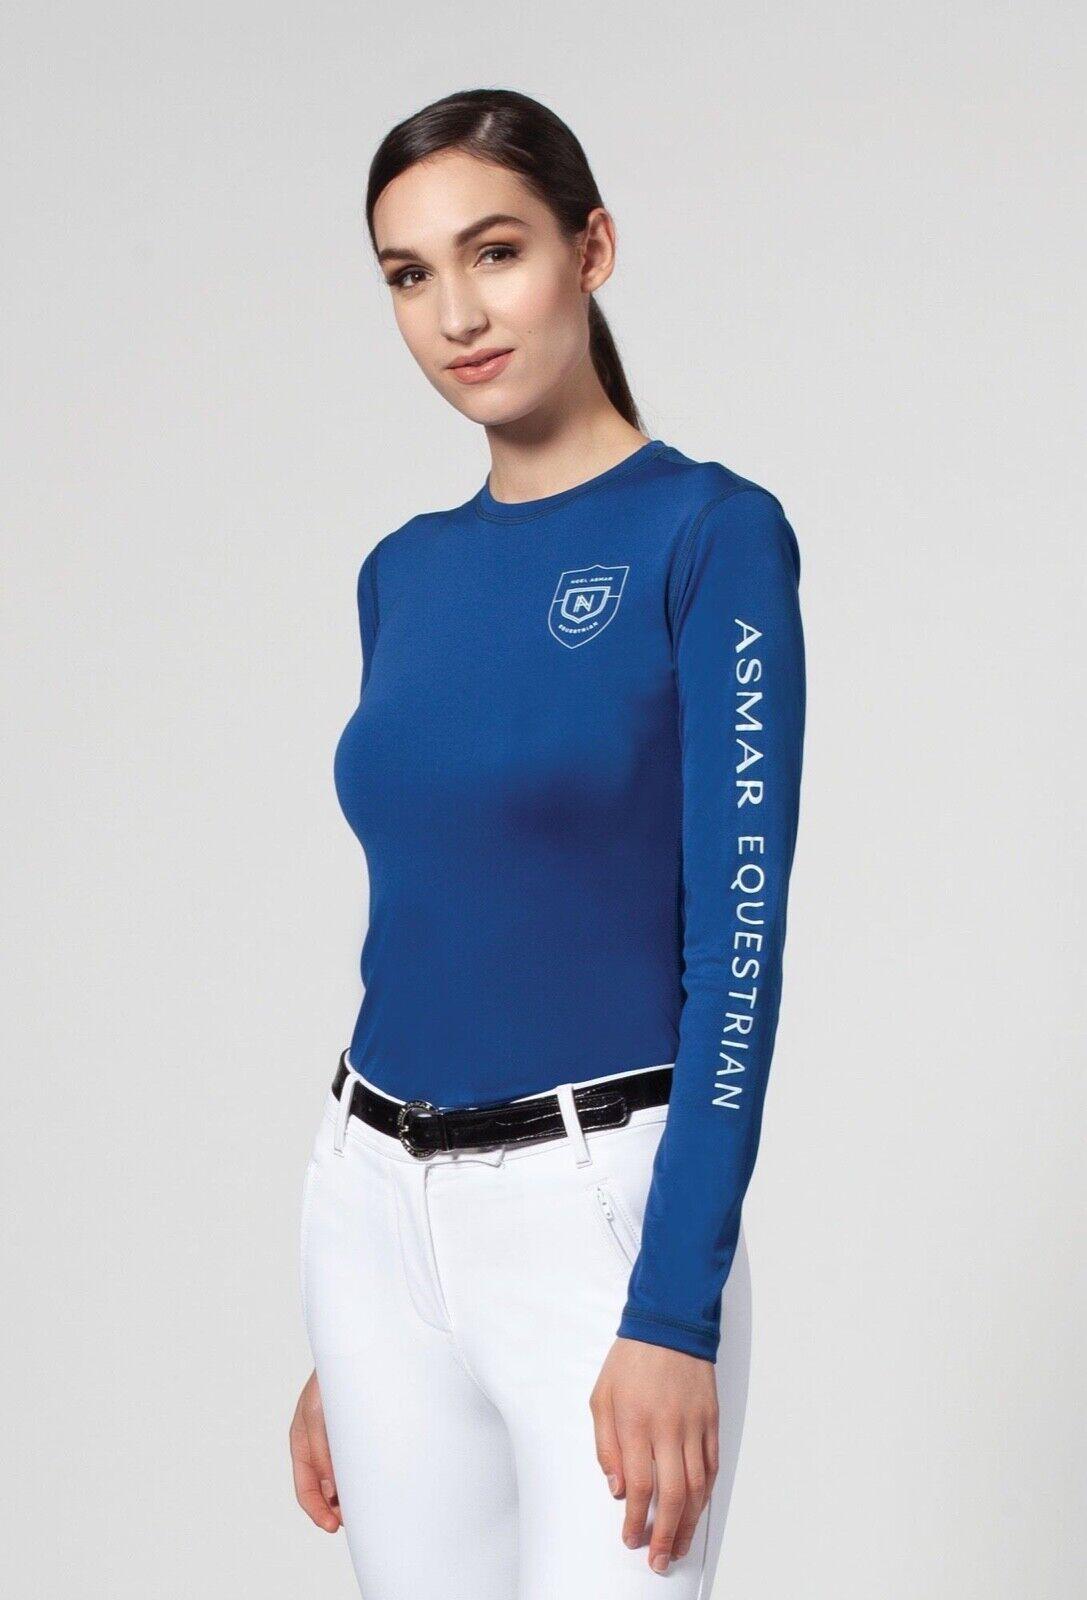 Noel Asmar Damas sostenible con Logotipo Mangas Largas Camiseta-diferentes Colors Y Tamaños